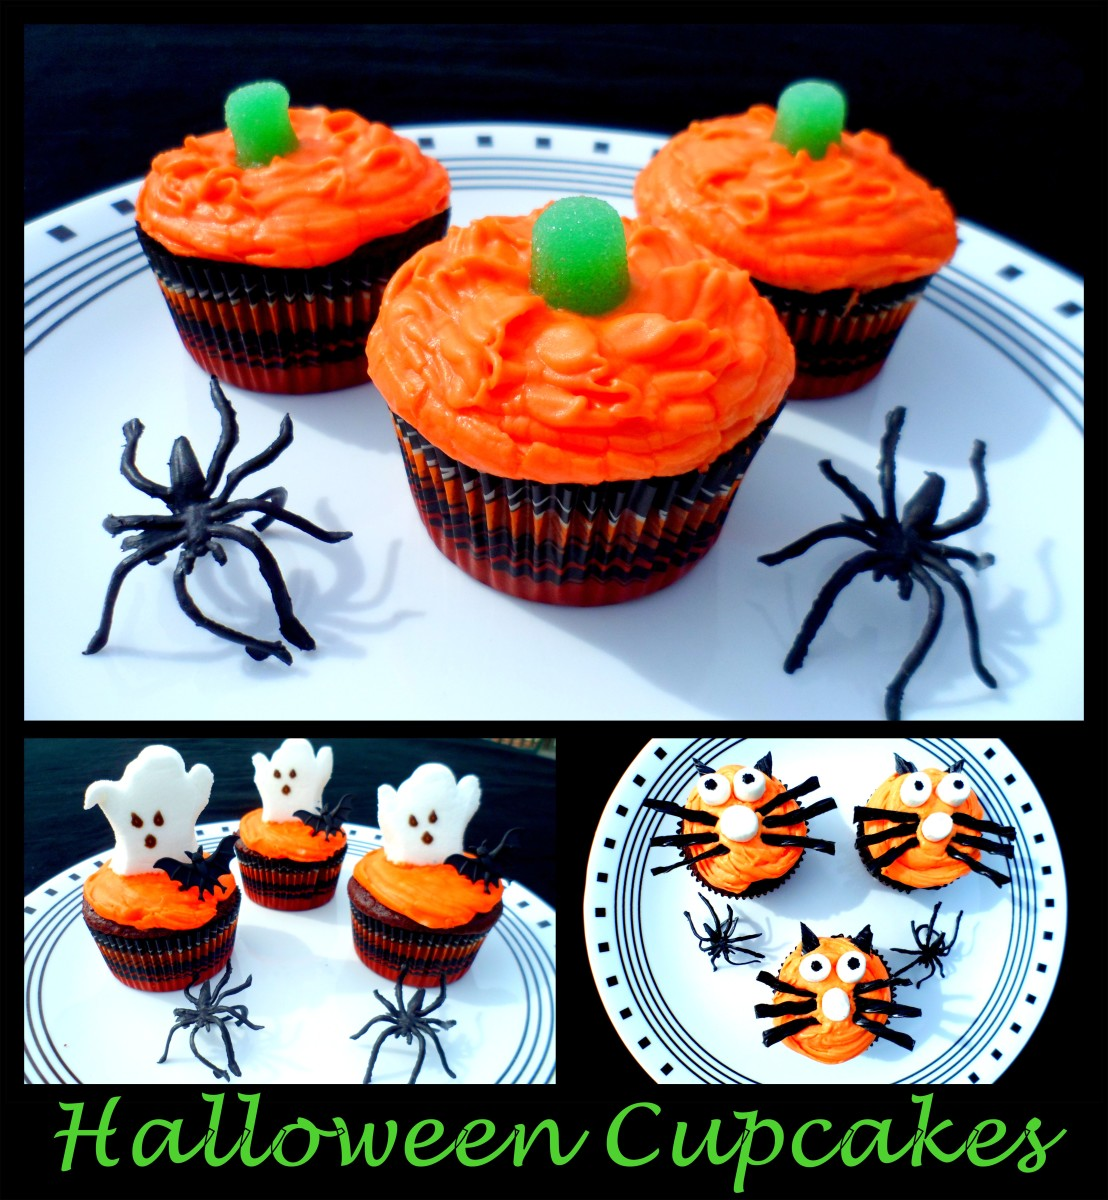 Cake Decorating Halloween Theme : Halloween Fun: Halloween Cupcakes - Cupcake Decorating Ideas